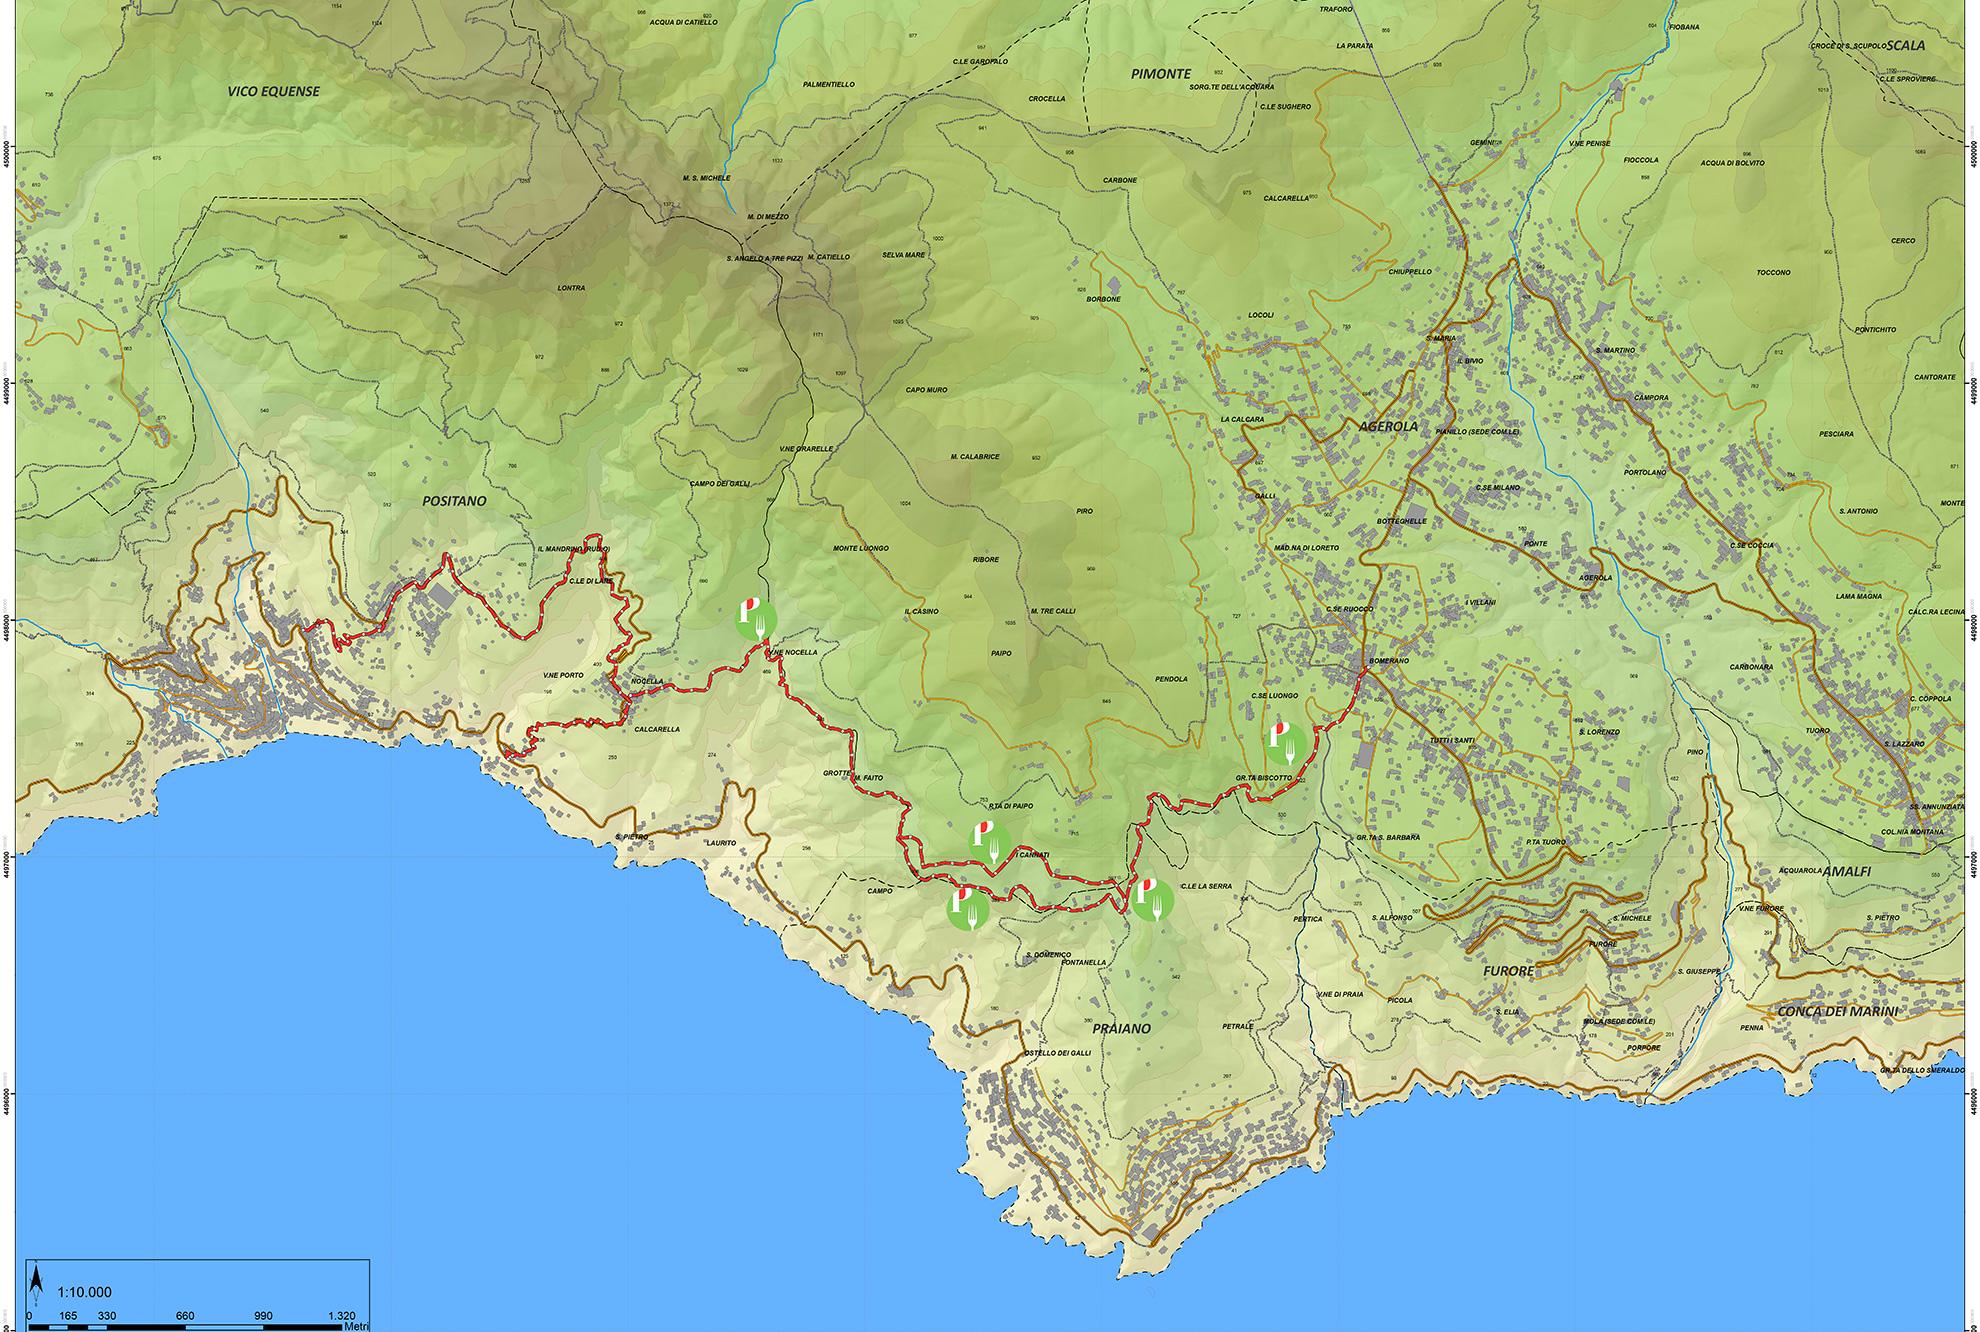 Cartina Costiera Amalfitana E Capri.Scarica O Compra La Mappa Del Sentiero Degli Dei Mappe Escursionistiche Dettagliate Della Costiera Amalfitana